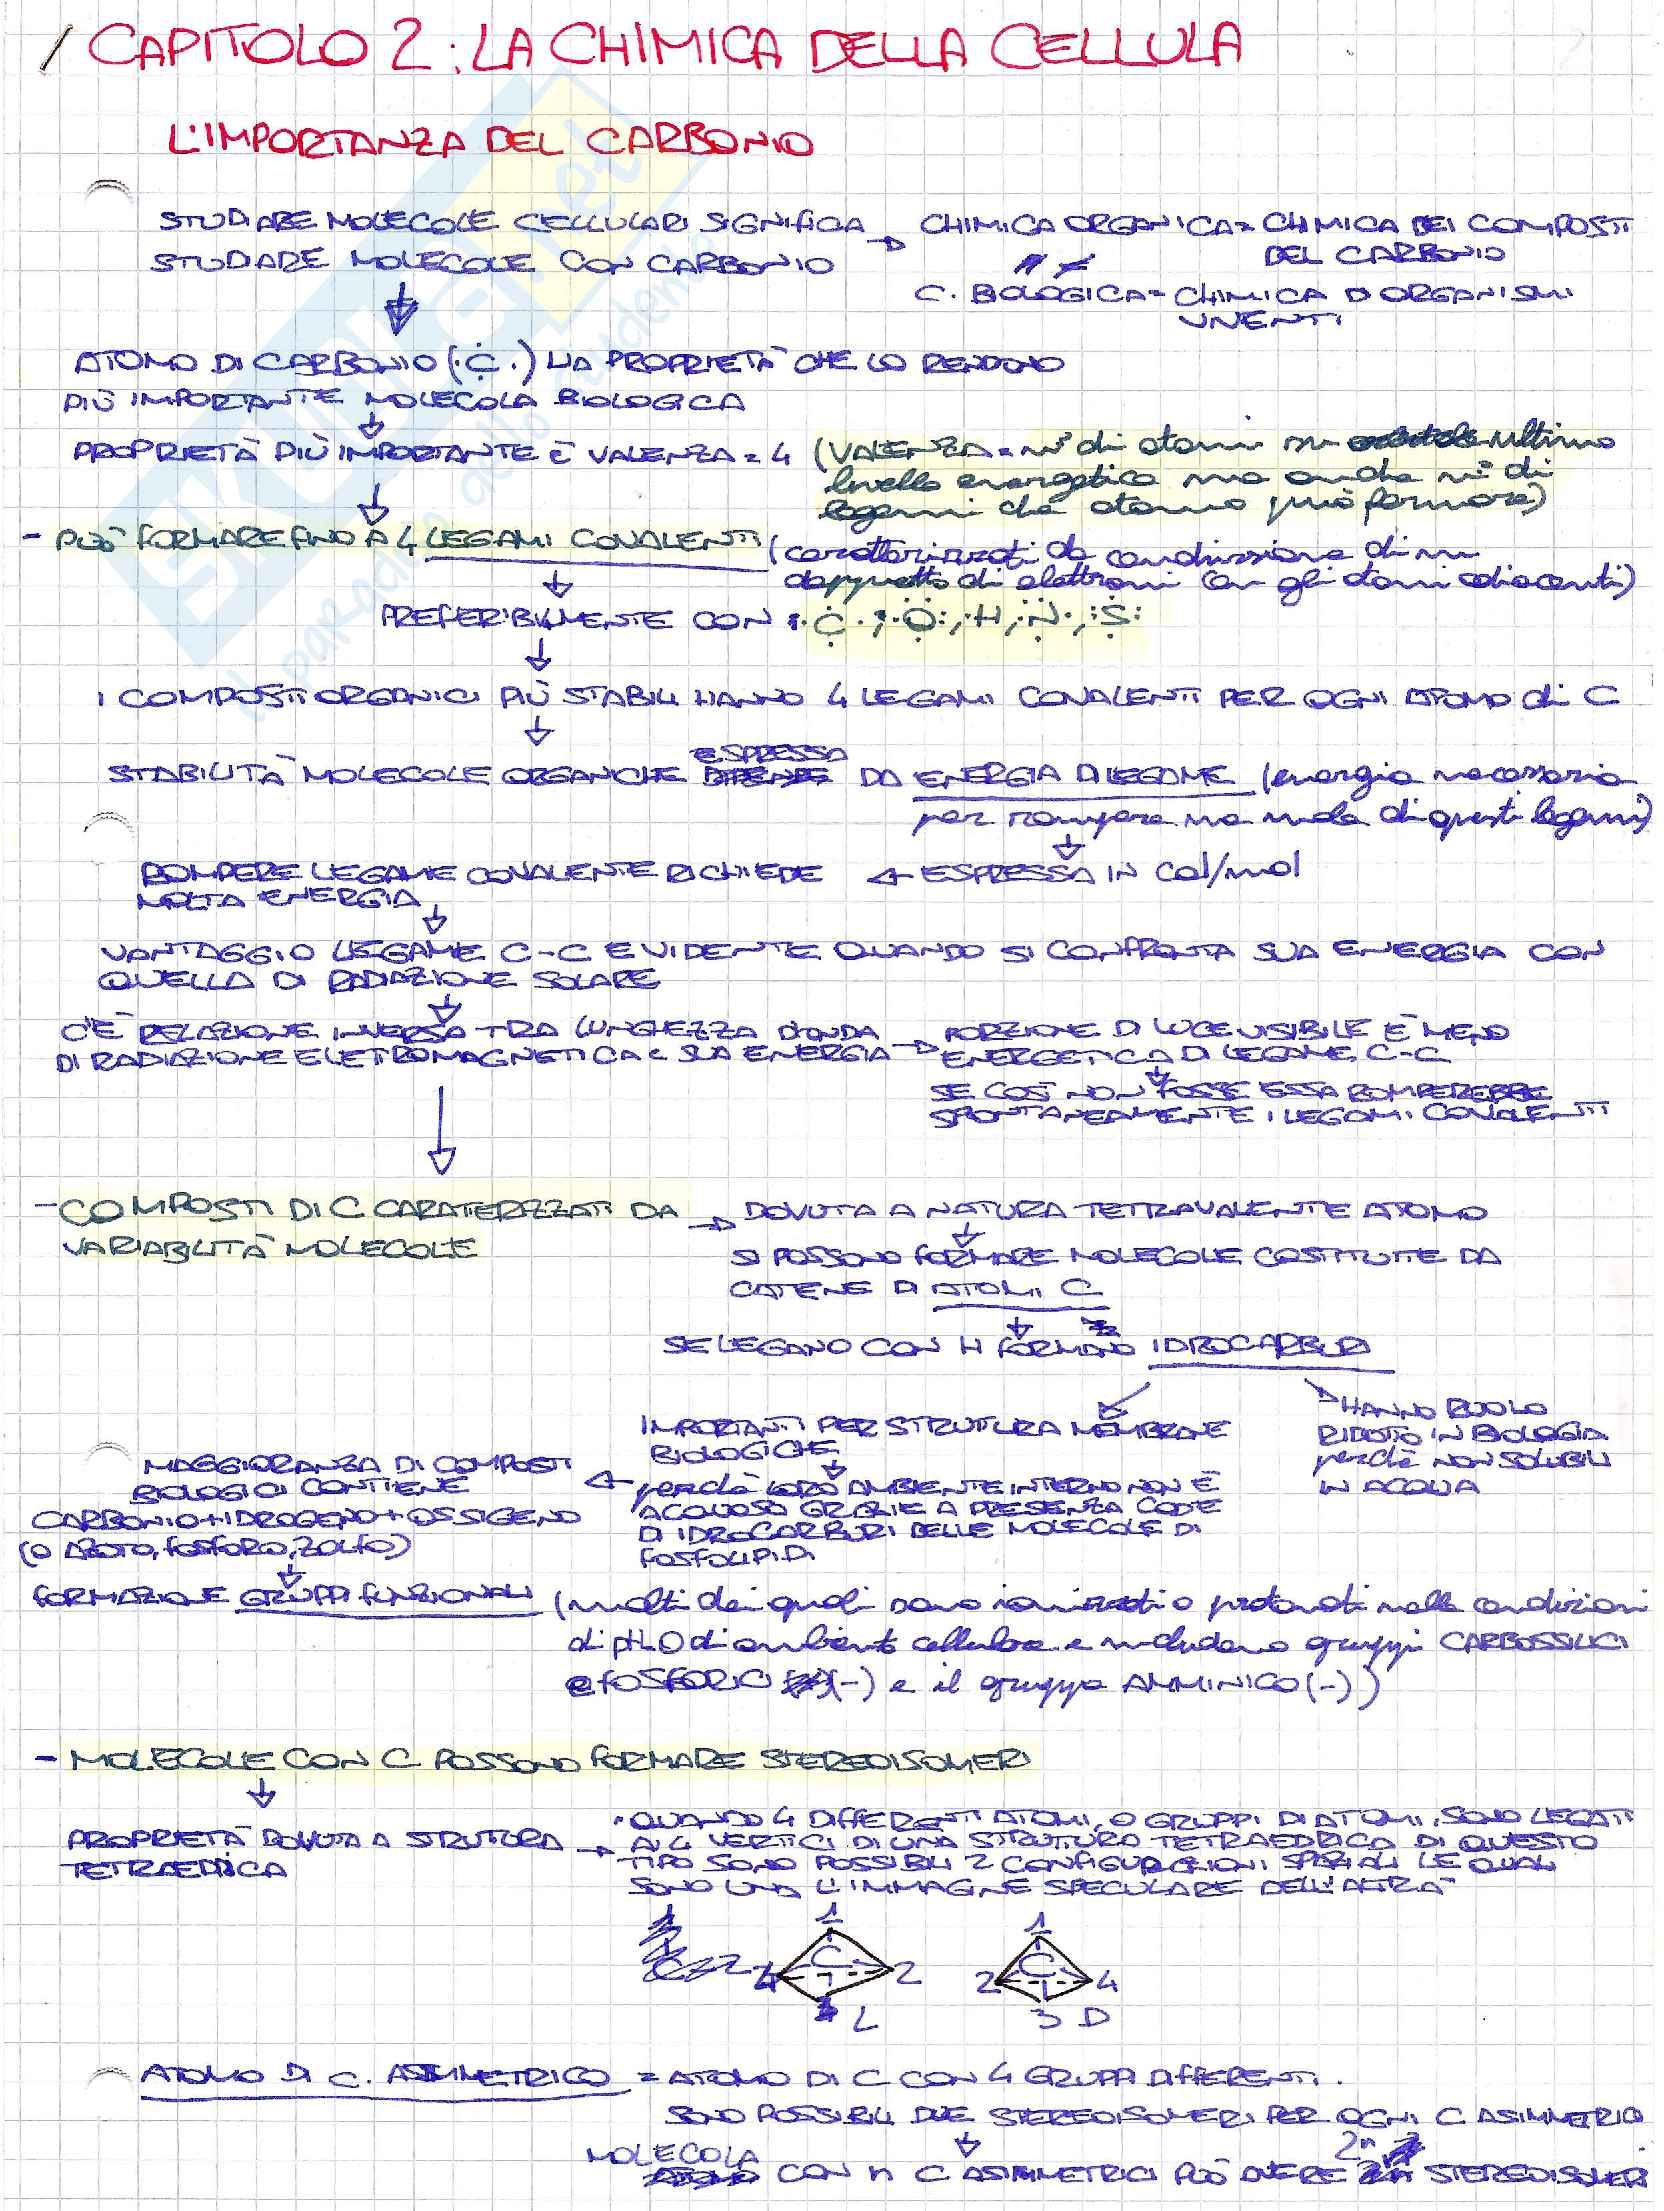 Schemi di biologia generale e cellulare per l'esame della prof. Patrizia Limonta sulla chimica della cellula